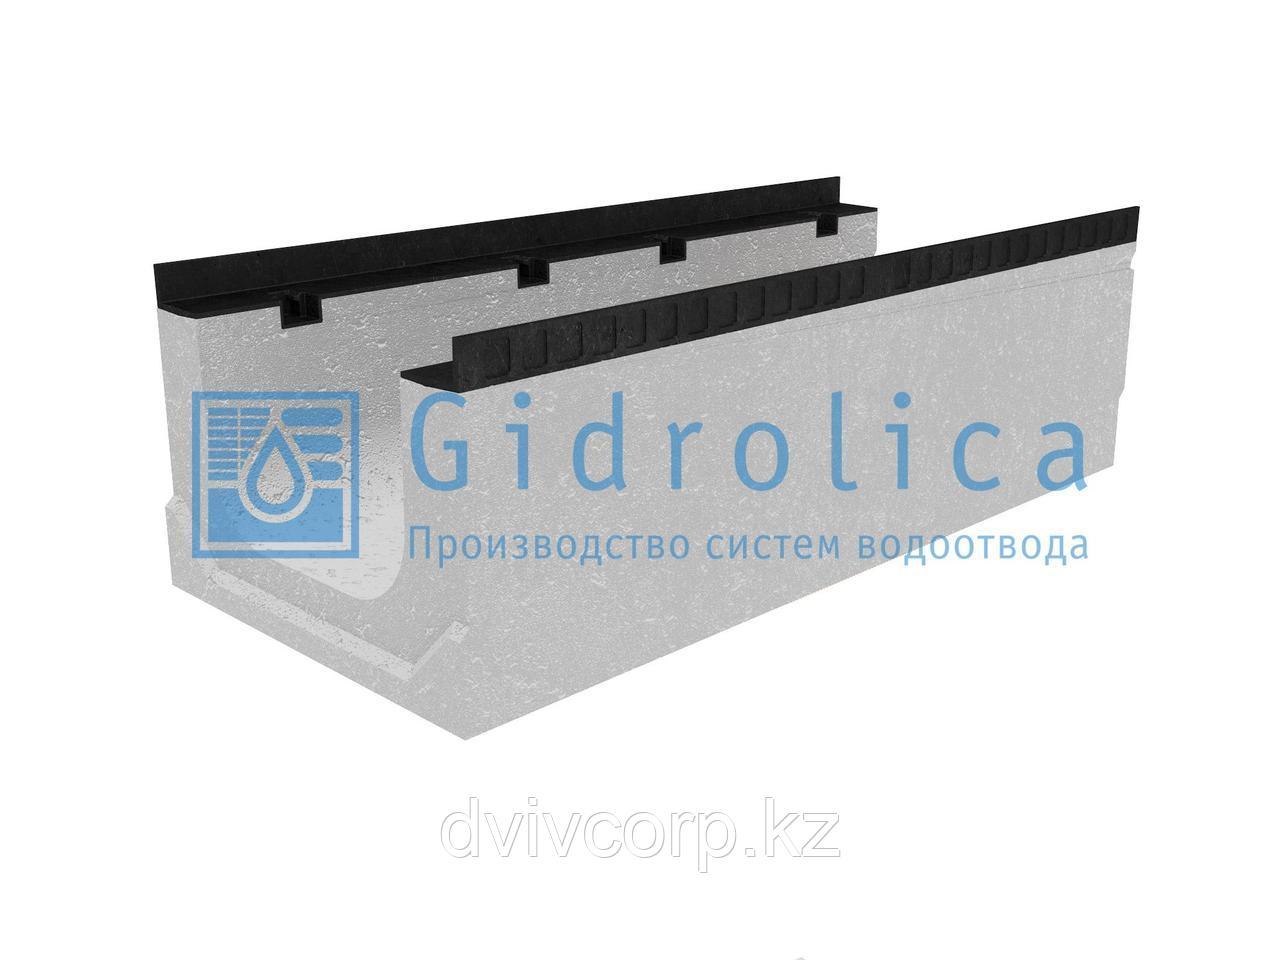 Лоток водоотводный бетонный коробчатый (СО-300мм), с уклоном 0,5%  КПу 100.44(30).32,5(25,5) - BGМ-F, № 3